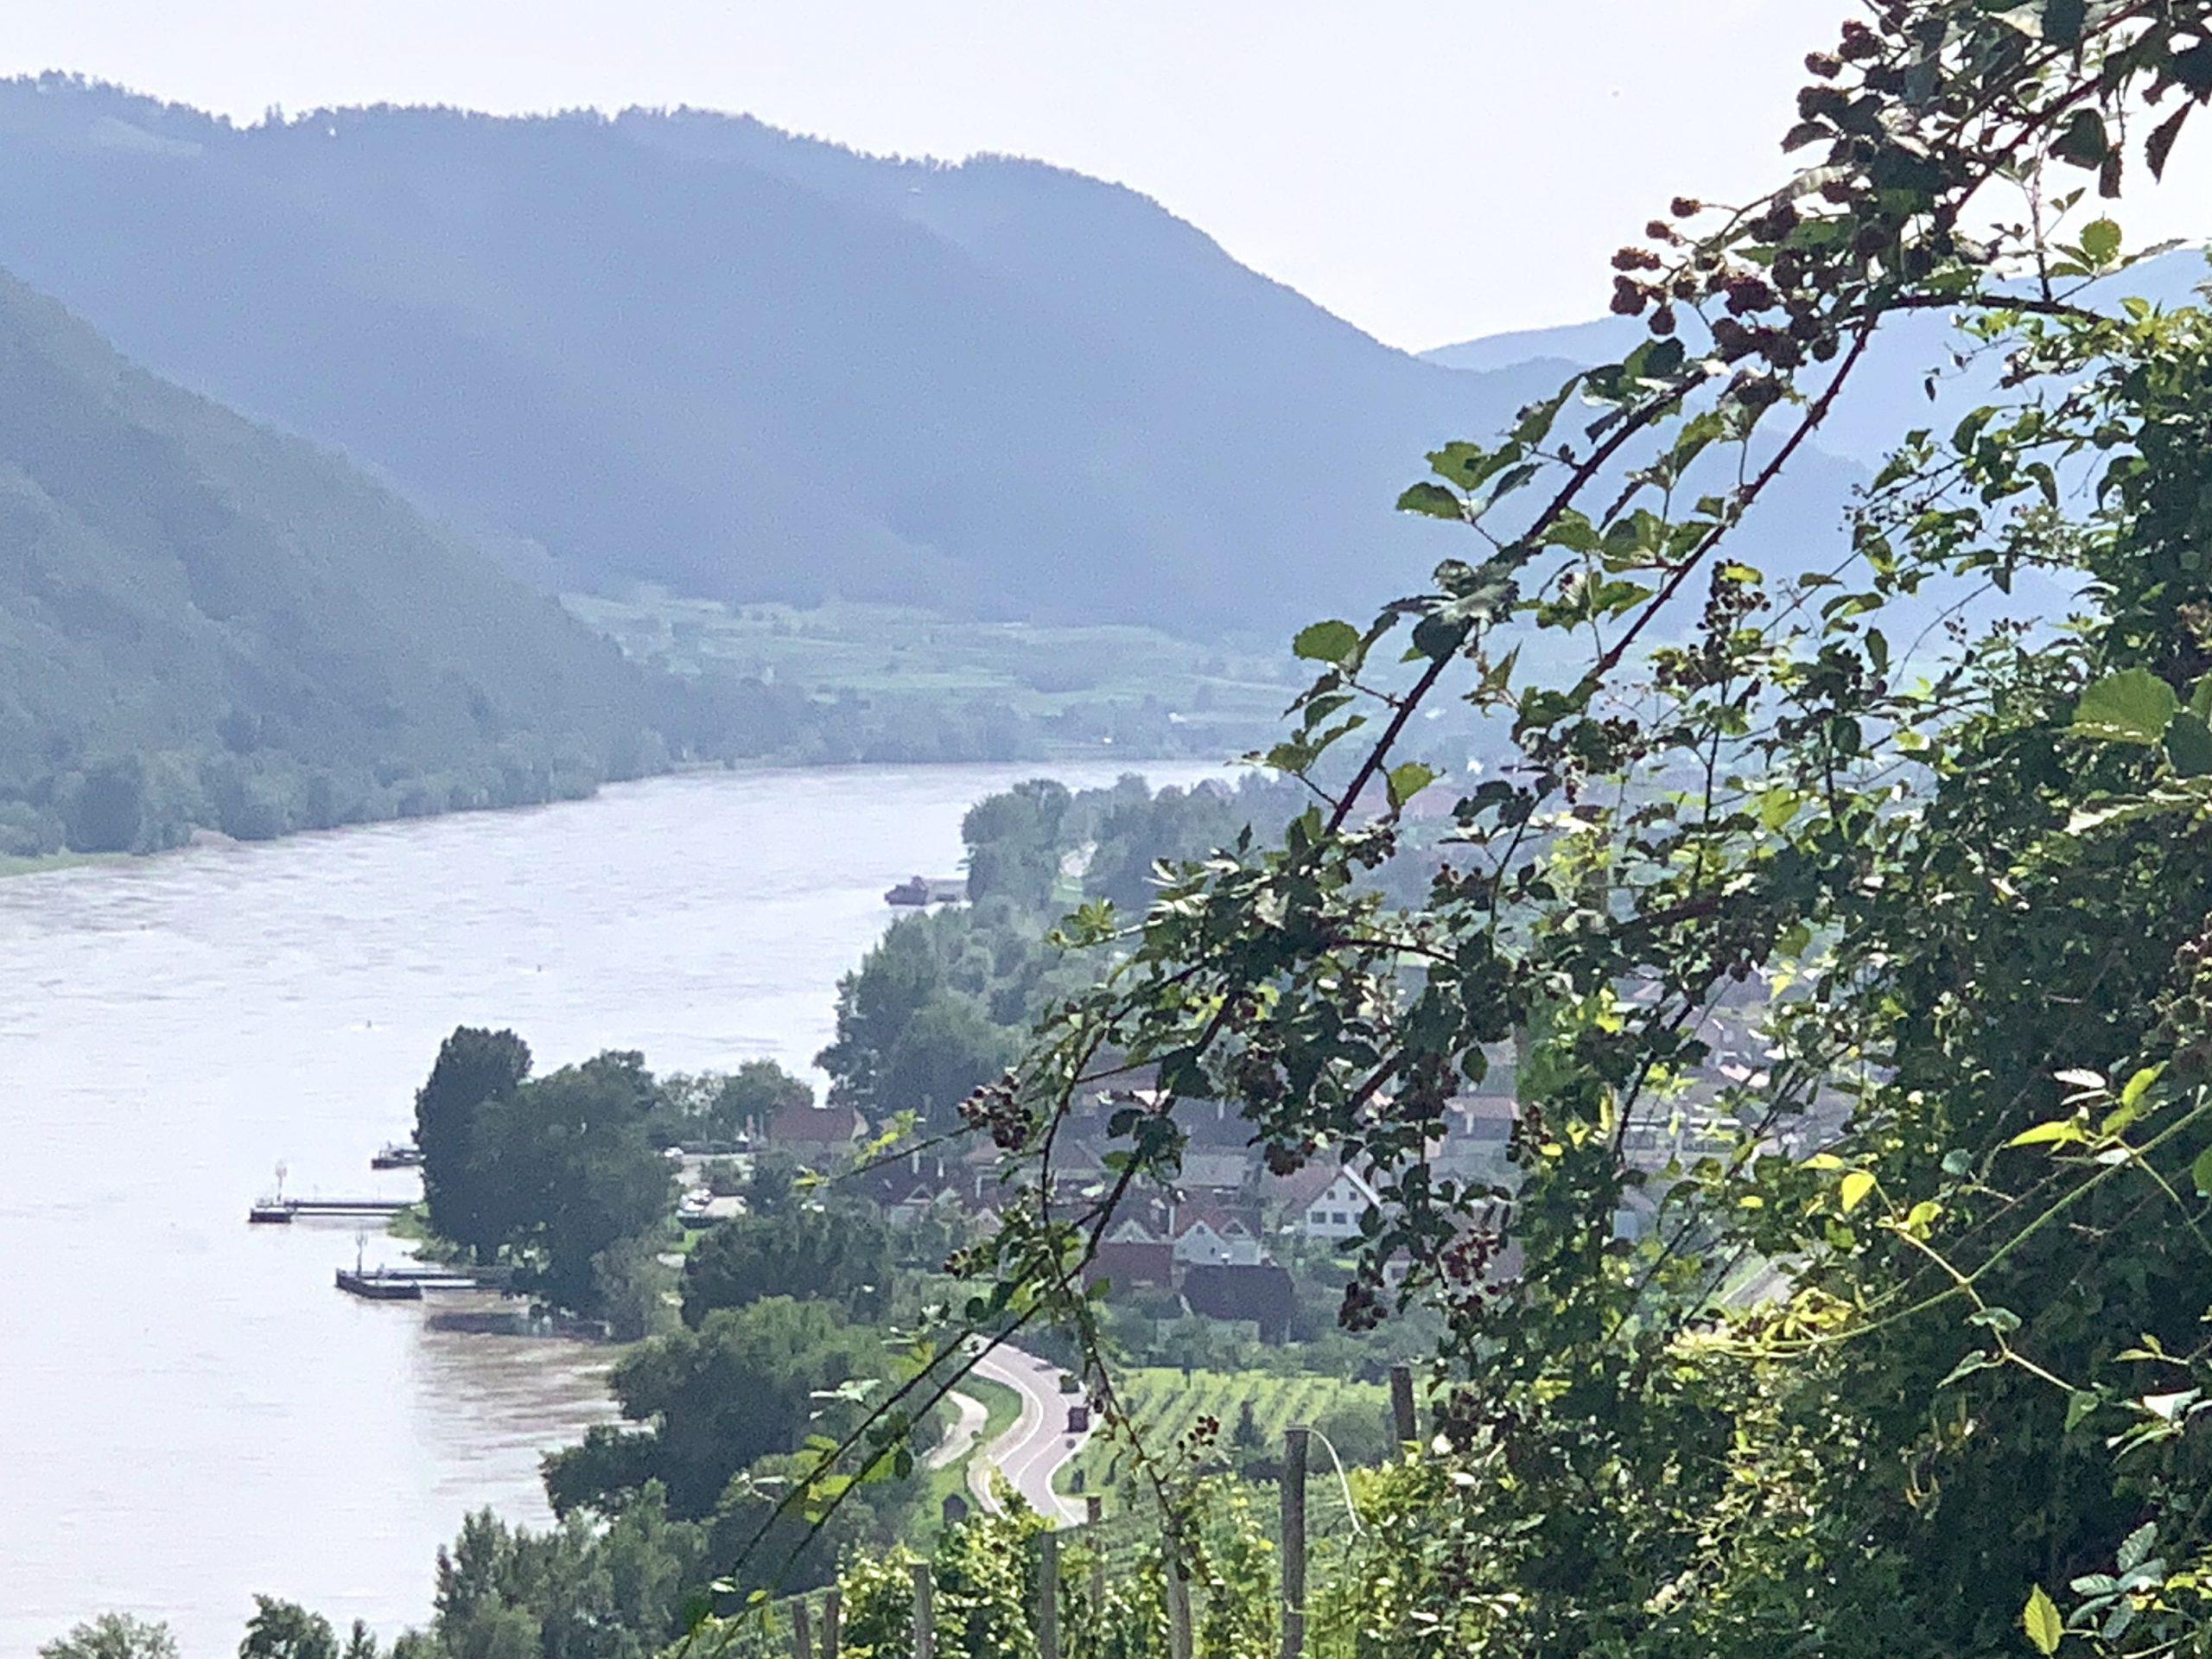 Blick auf die Donau bei Weißenkirchen